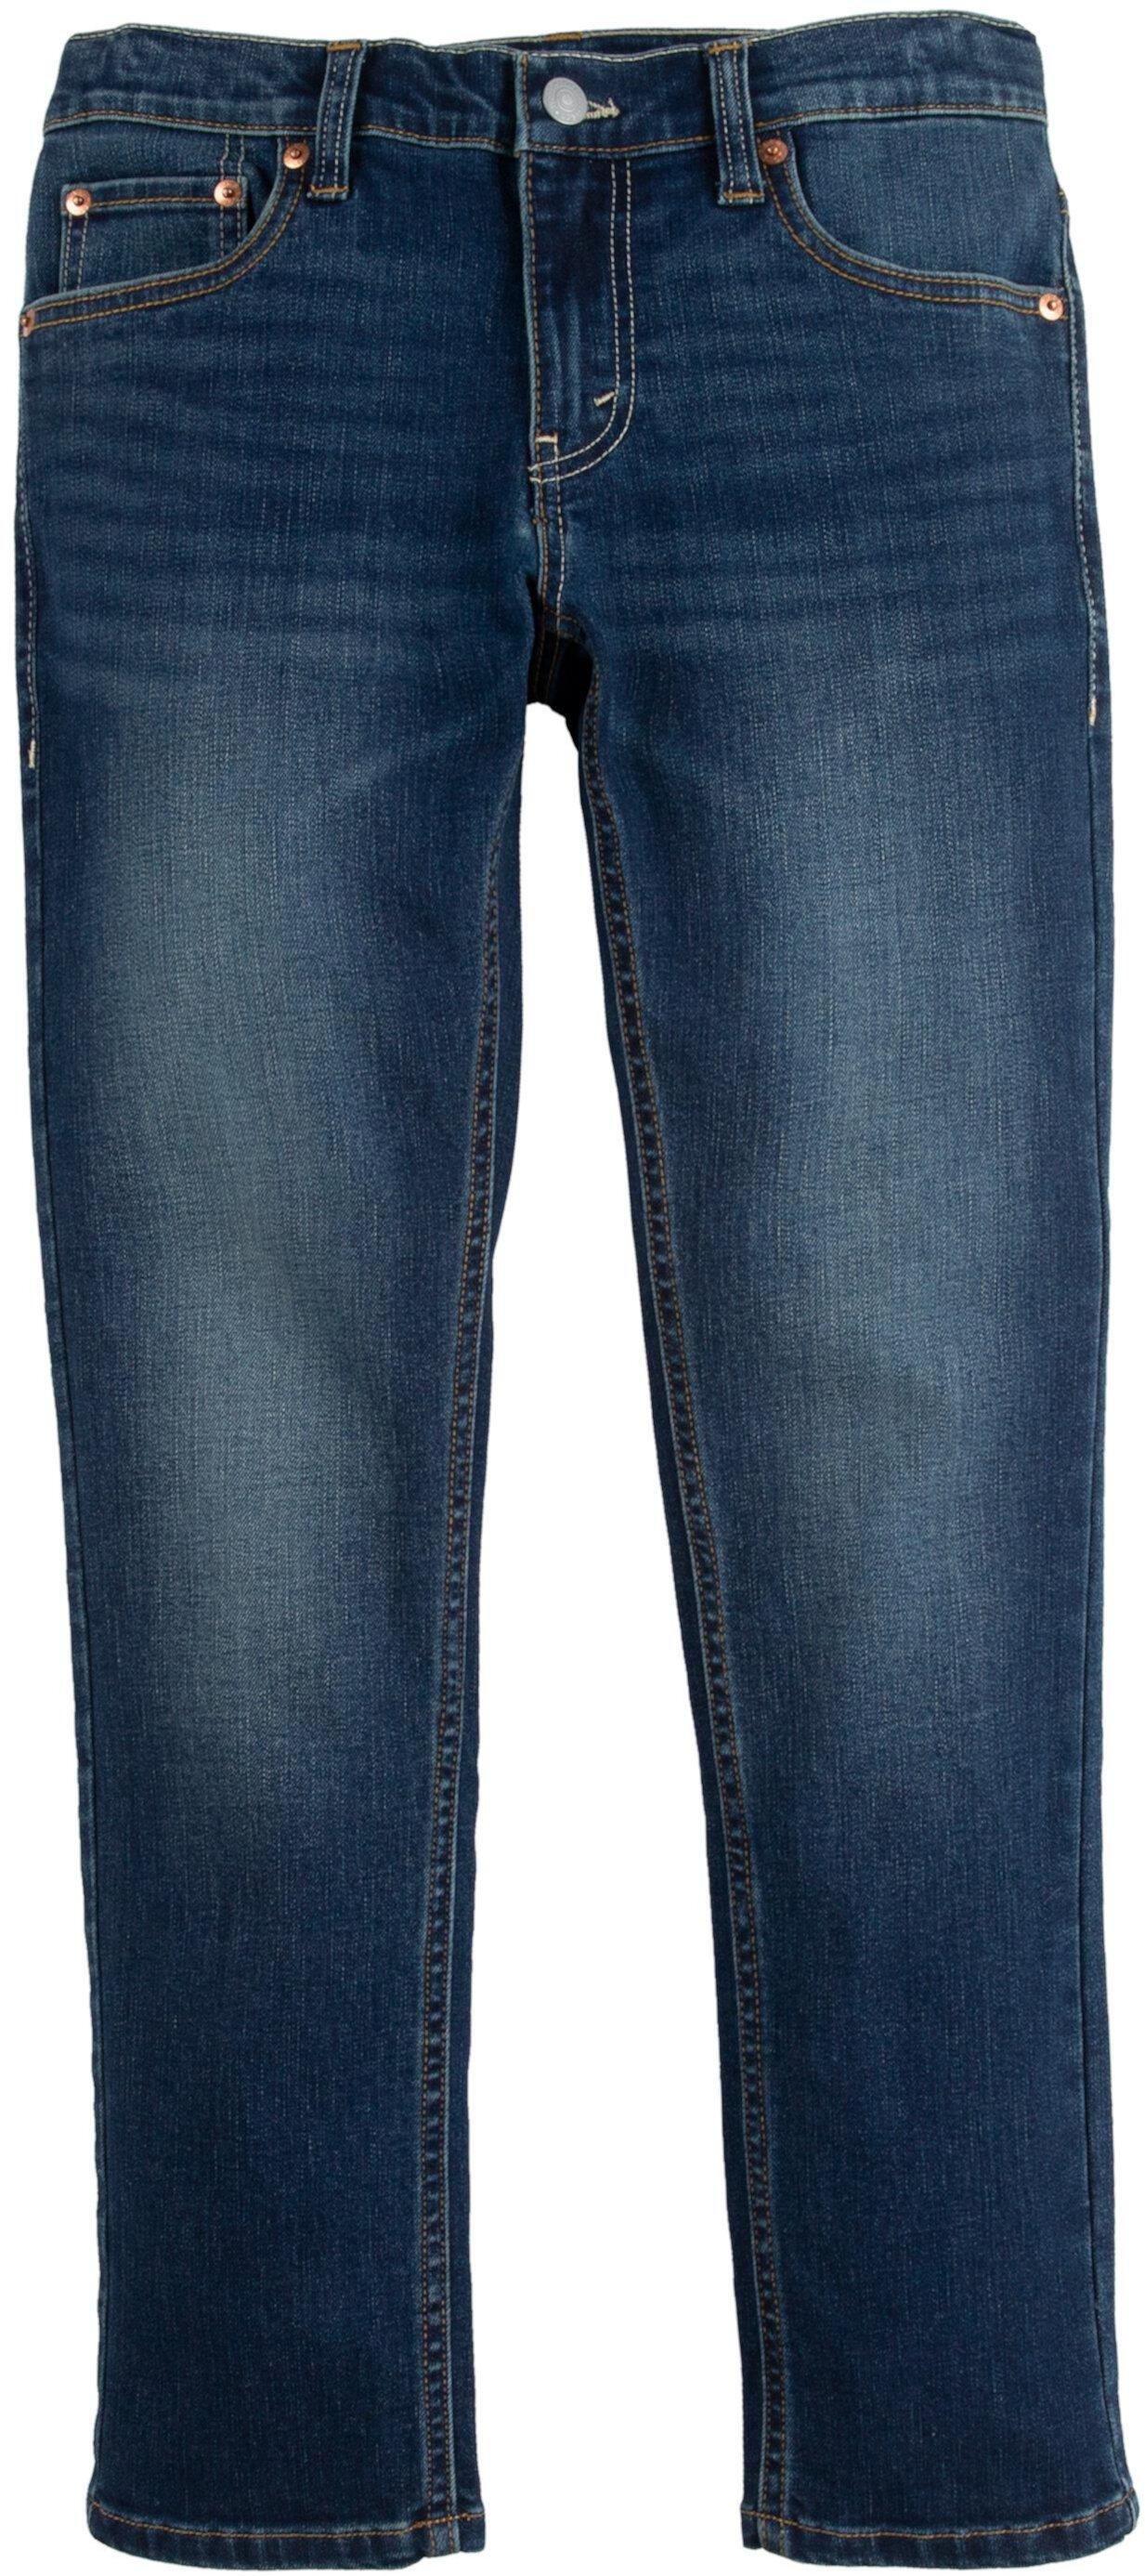 512 Slim Taper Performance Jeans (Big Kids) Levi's®